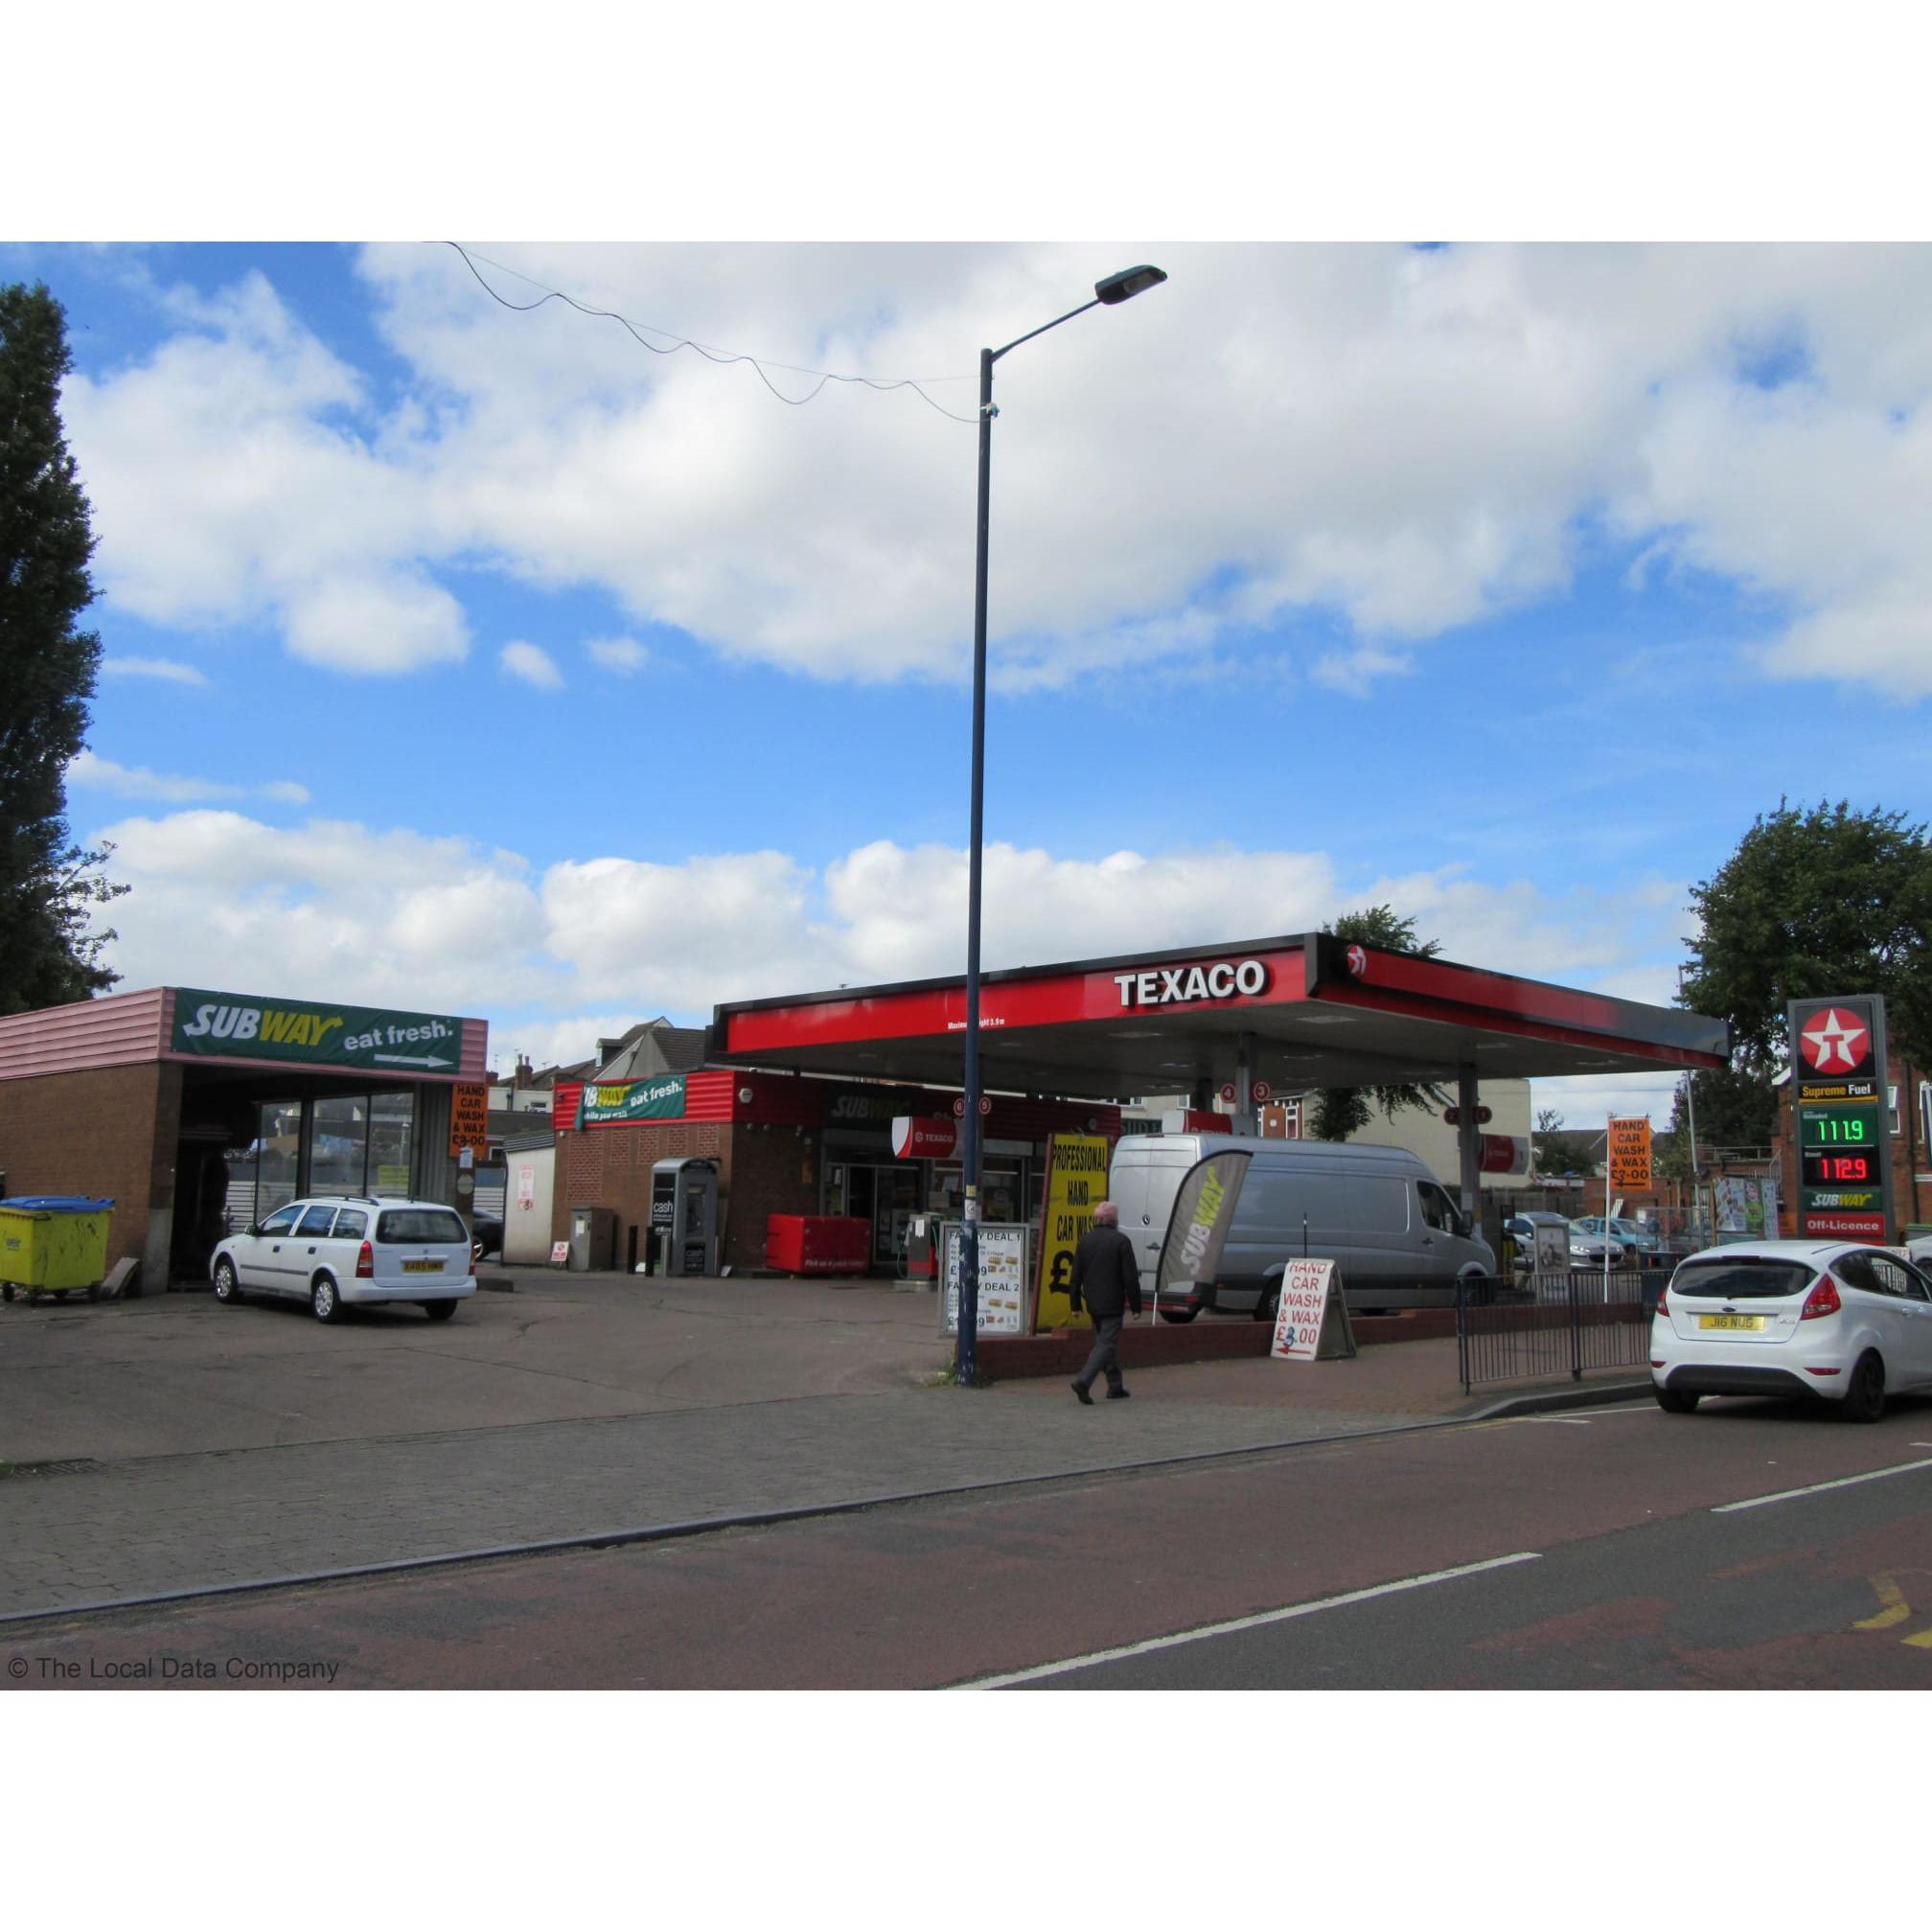 Blakenhall Services - Wolverhampton, West Midlands WV2 3JY - 01902 334444   ShowMeLocal.com